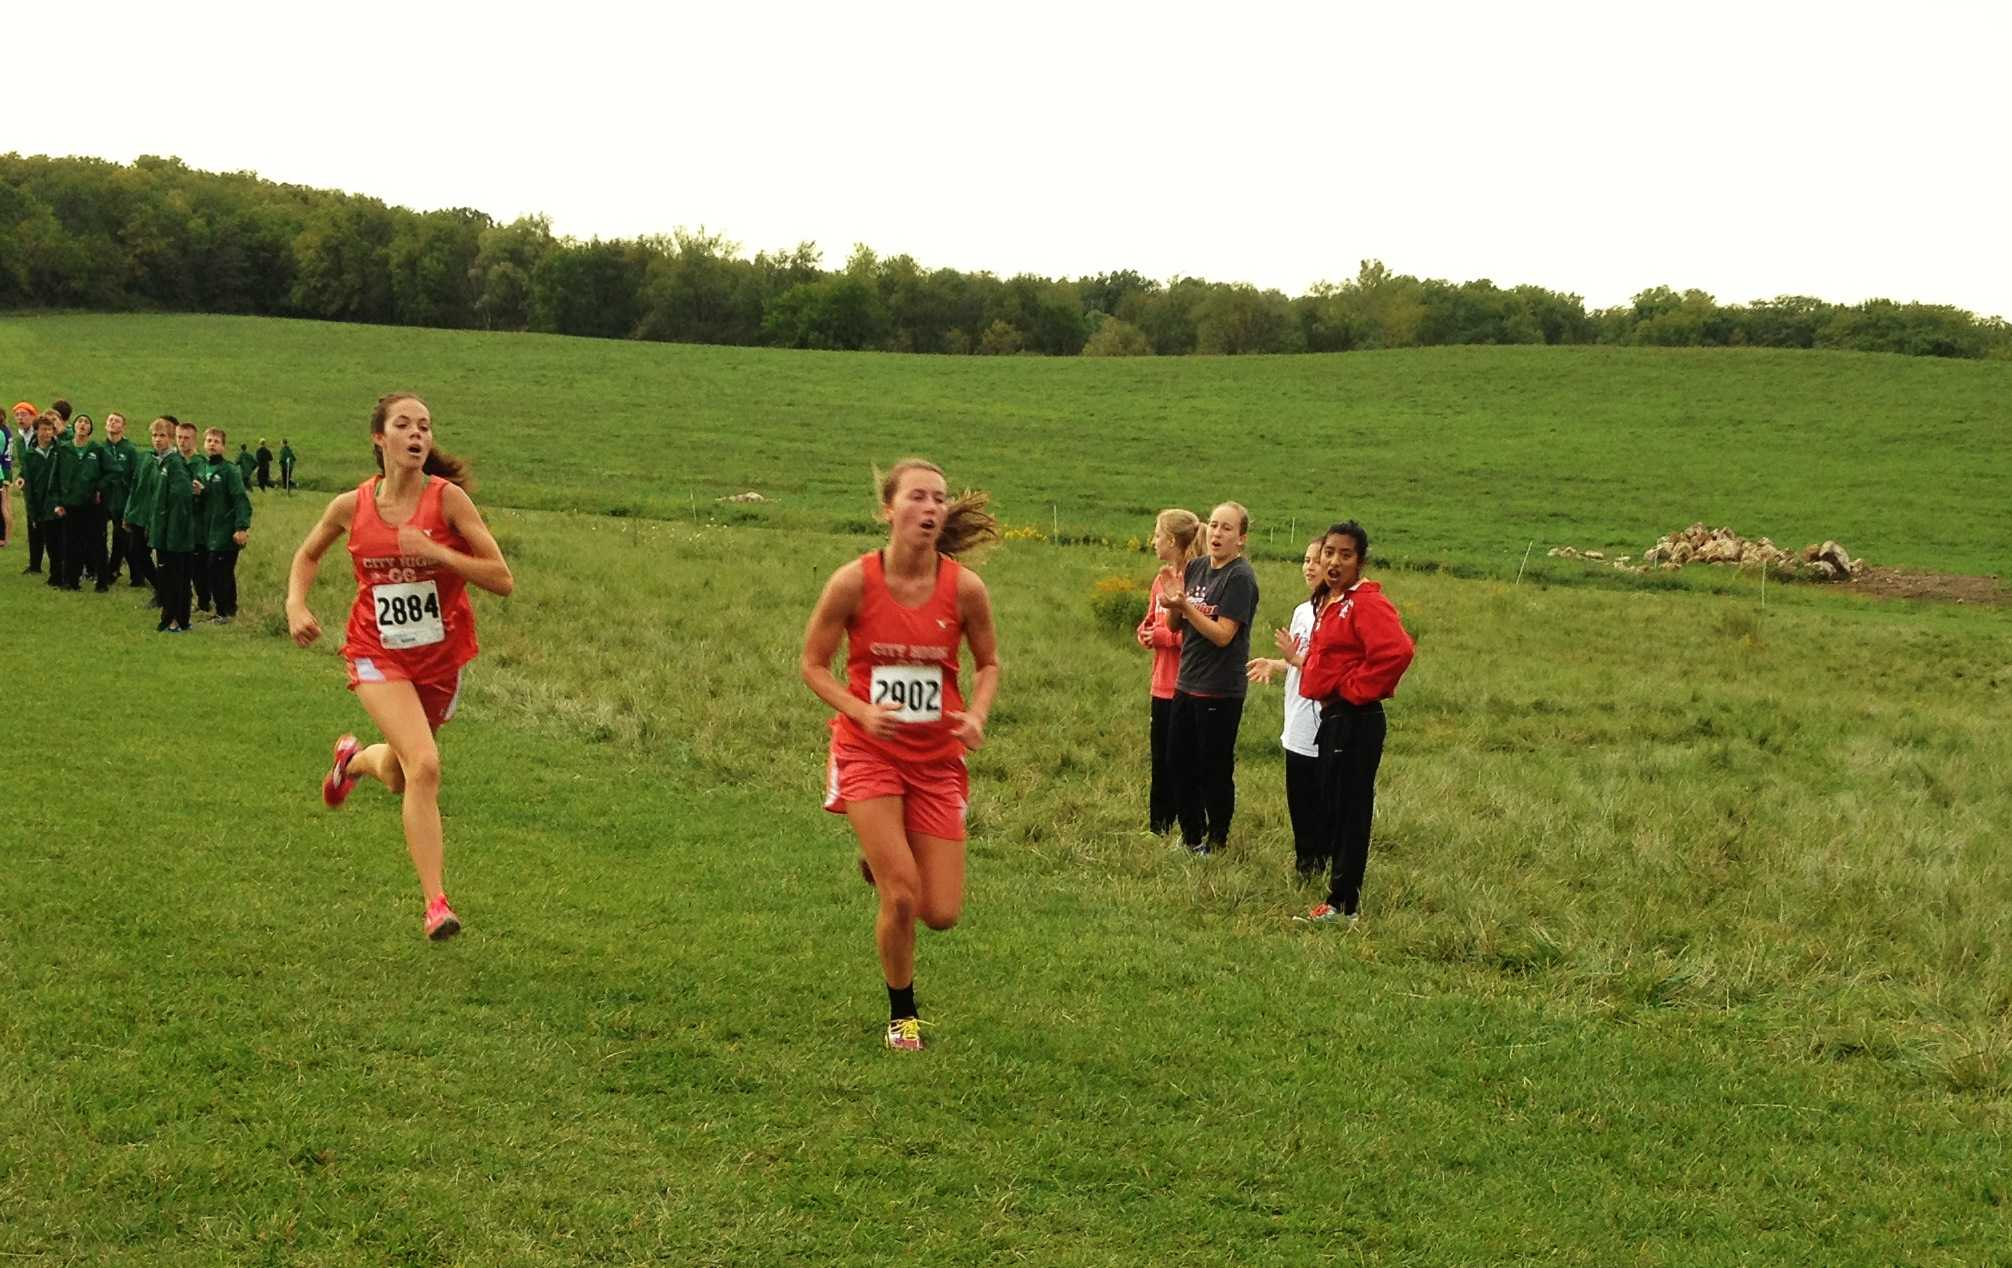 hawk run single girls Finals 1600 meter run – girls (2 heats ) 12:45 finals 200 meter dash – boys finals 200 meter dash – girls 1:30 finals 1600 meter relay – boys.